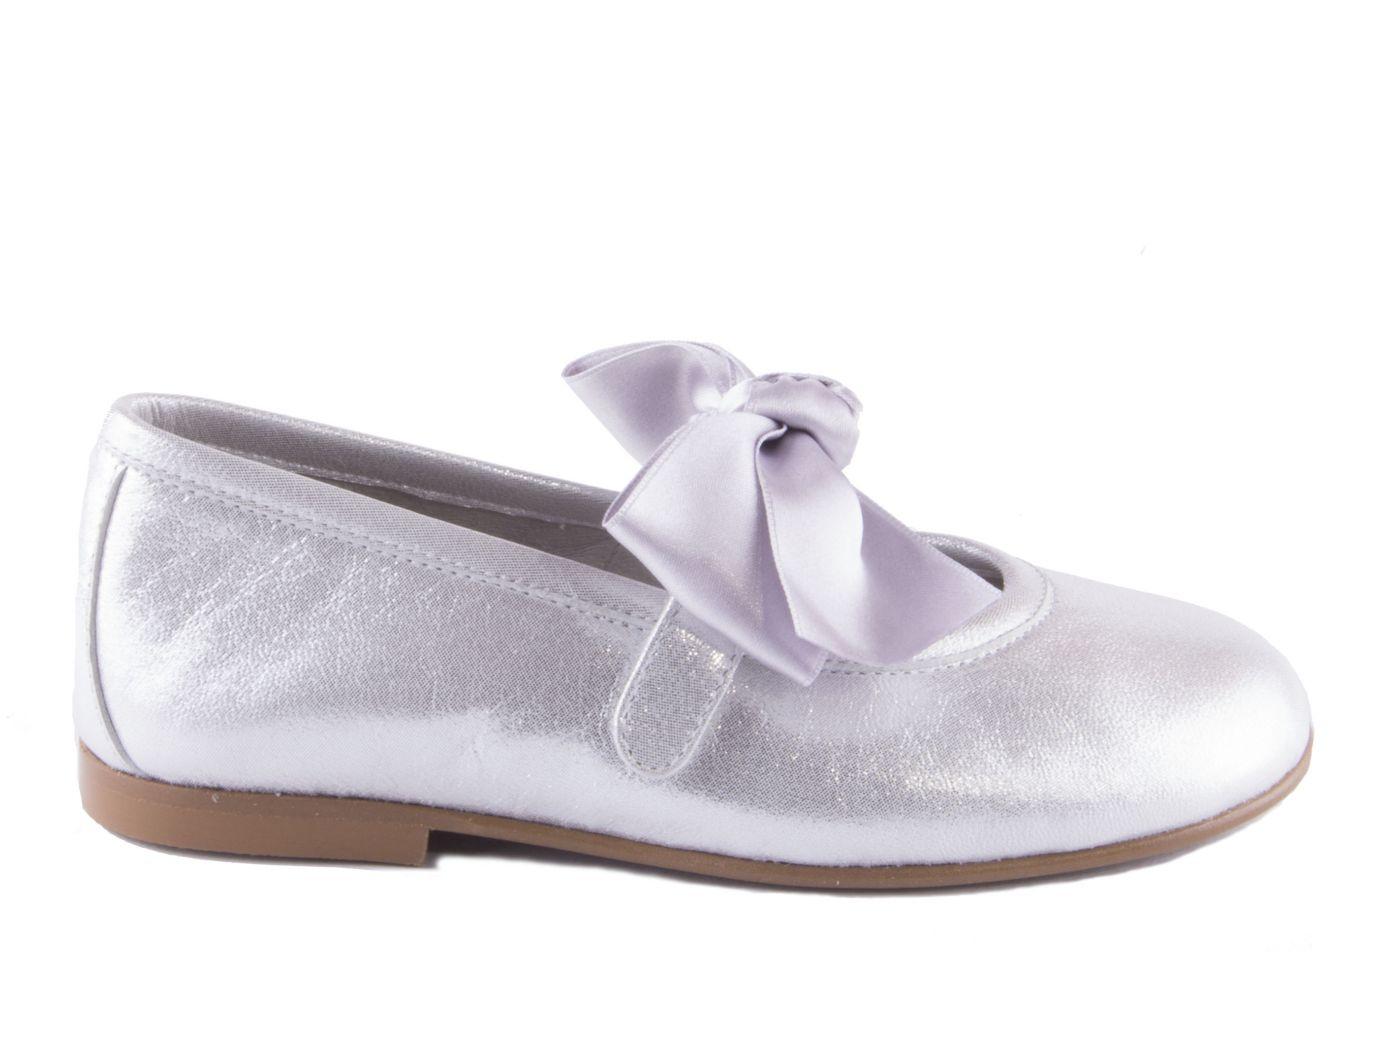 aad2936c Comprar zapato tipo JOVEN NIÑA estilo MERCEDES COLOR PLATA ...